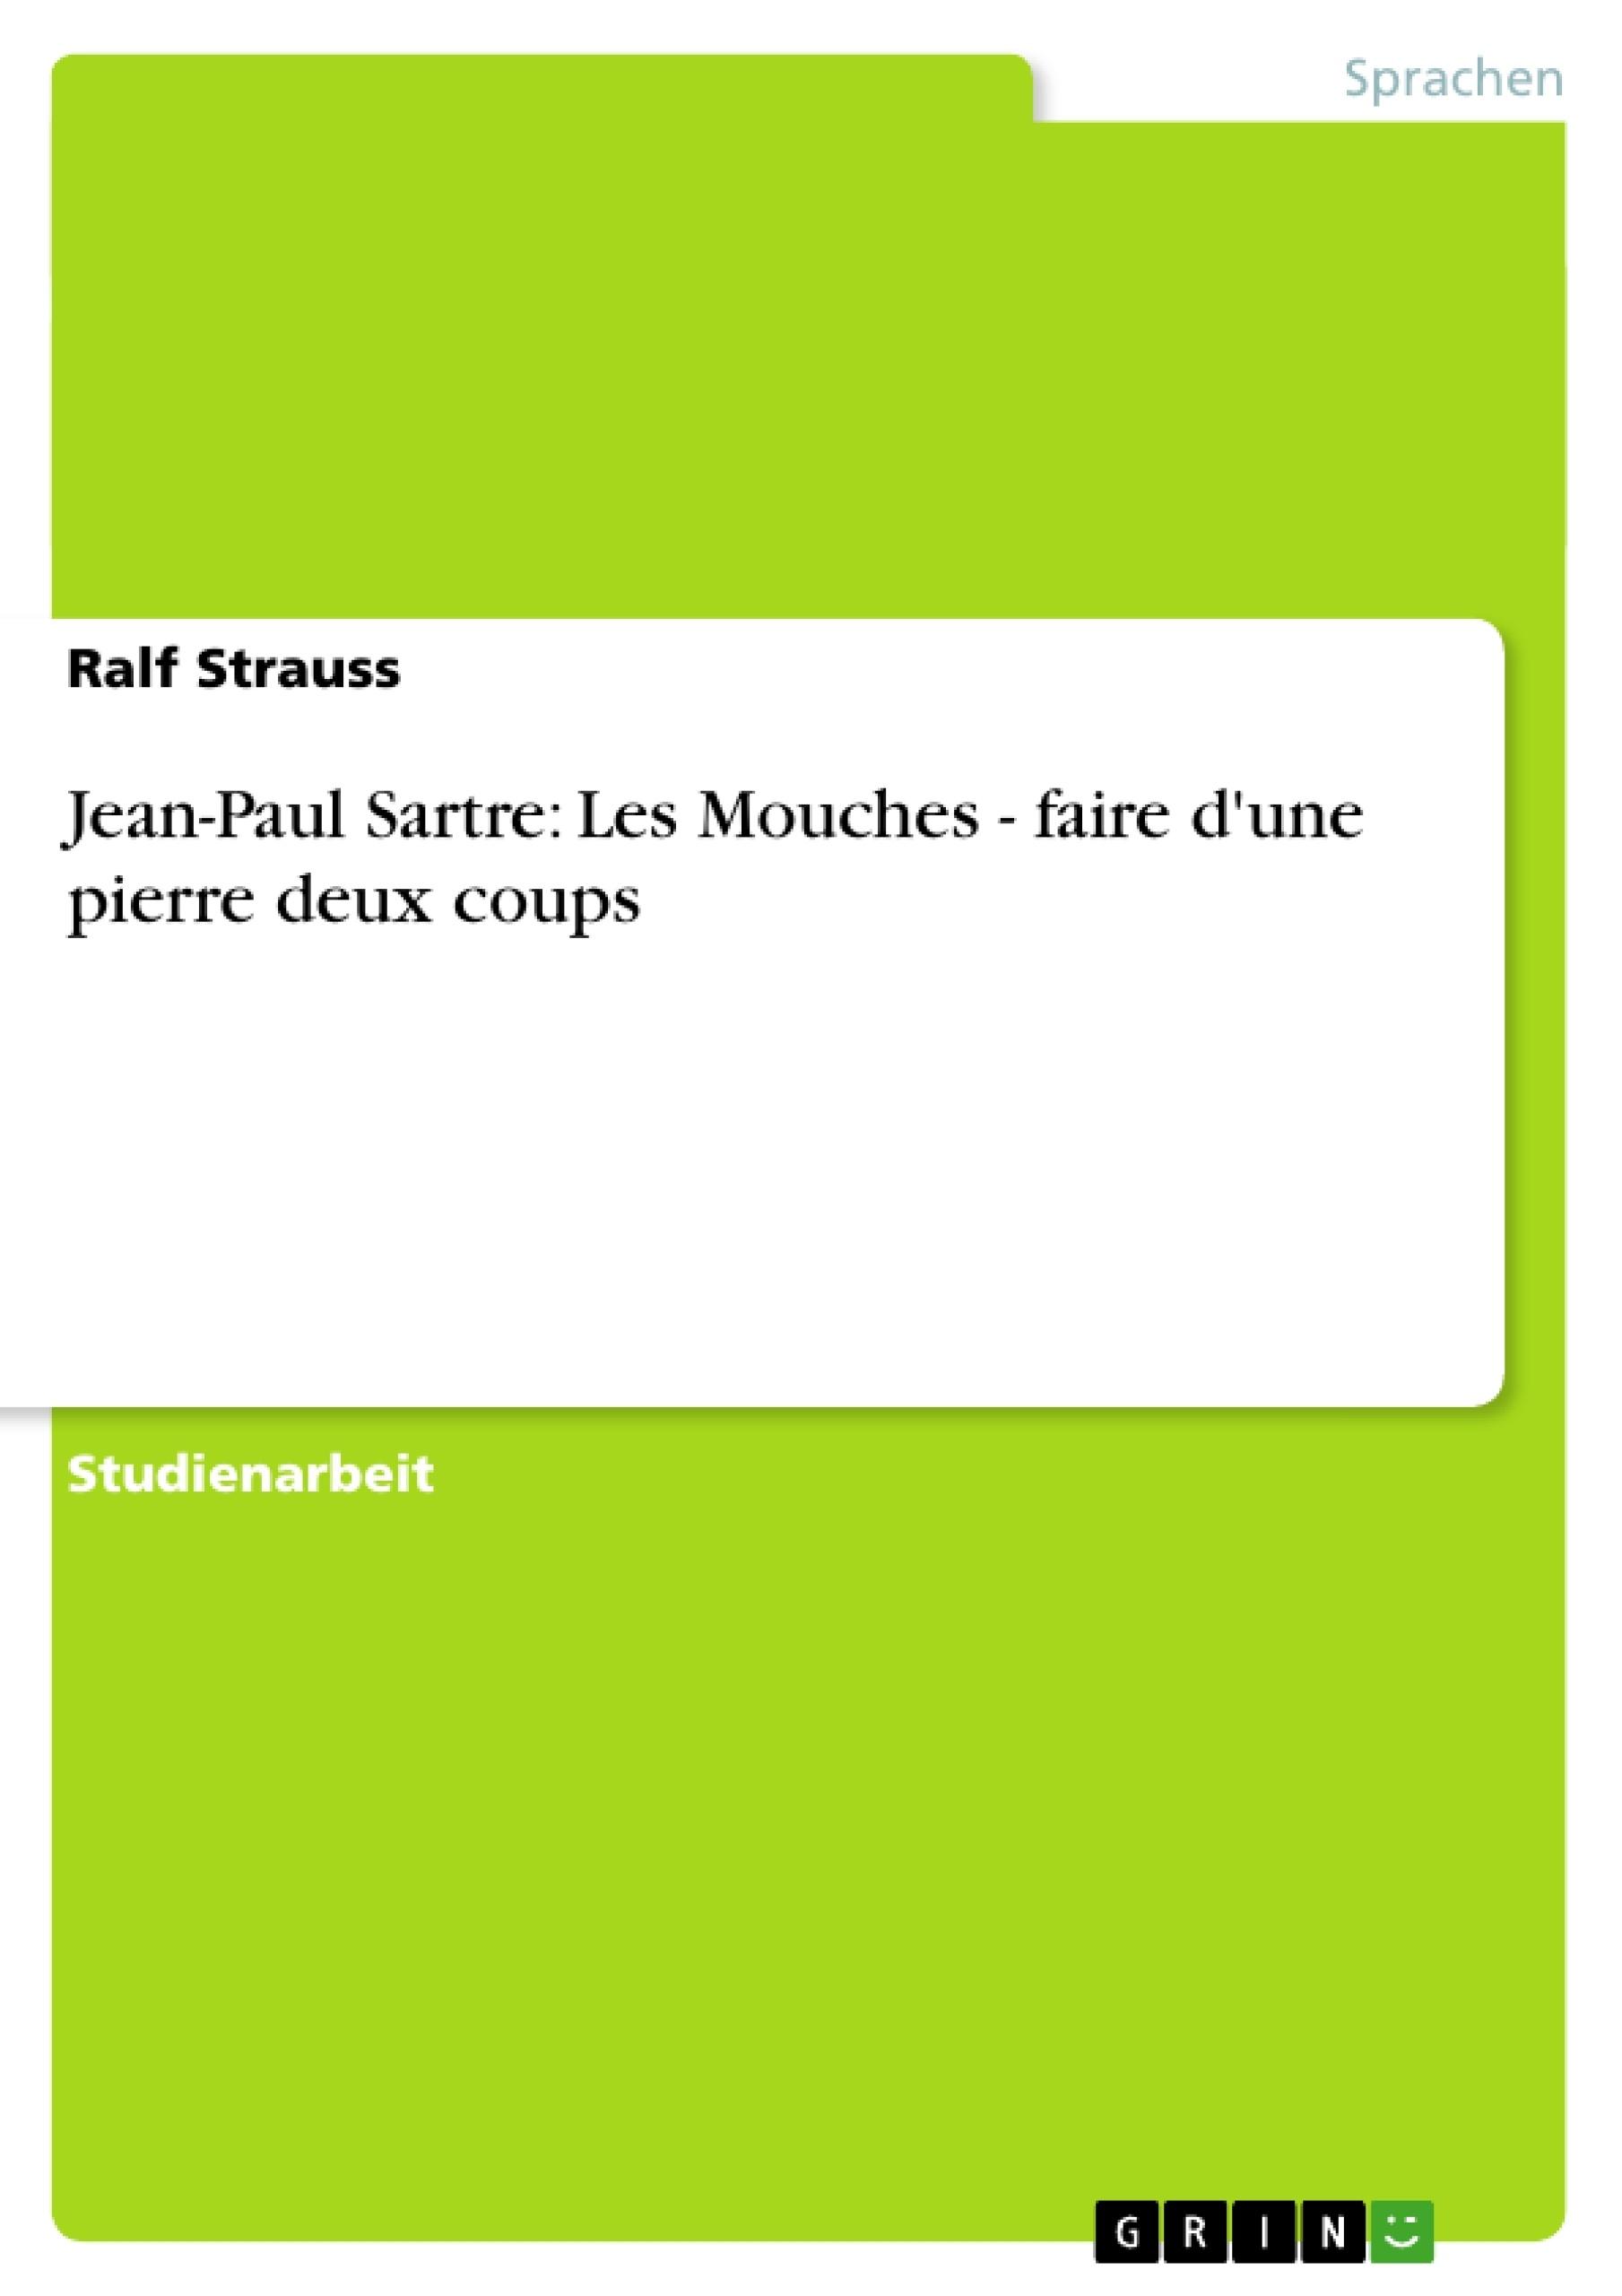 Titel: Jean-Paul Sartre: Les Mouches - faire d'une pierre deux coups